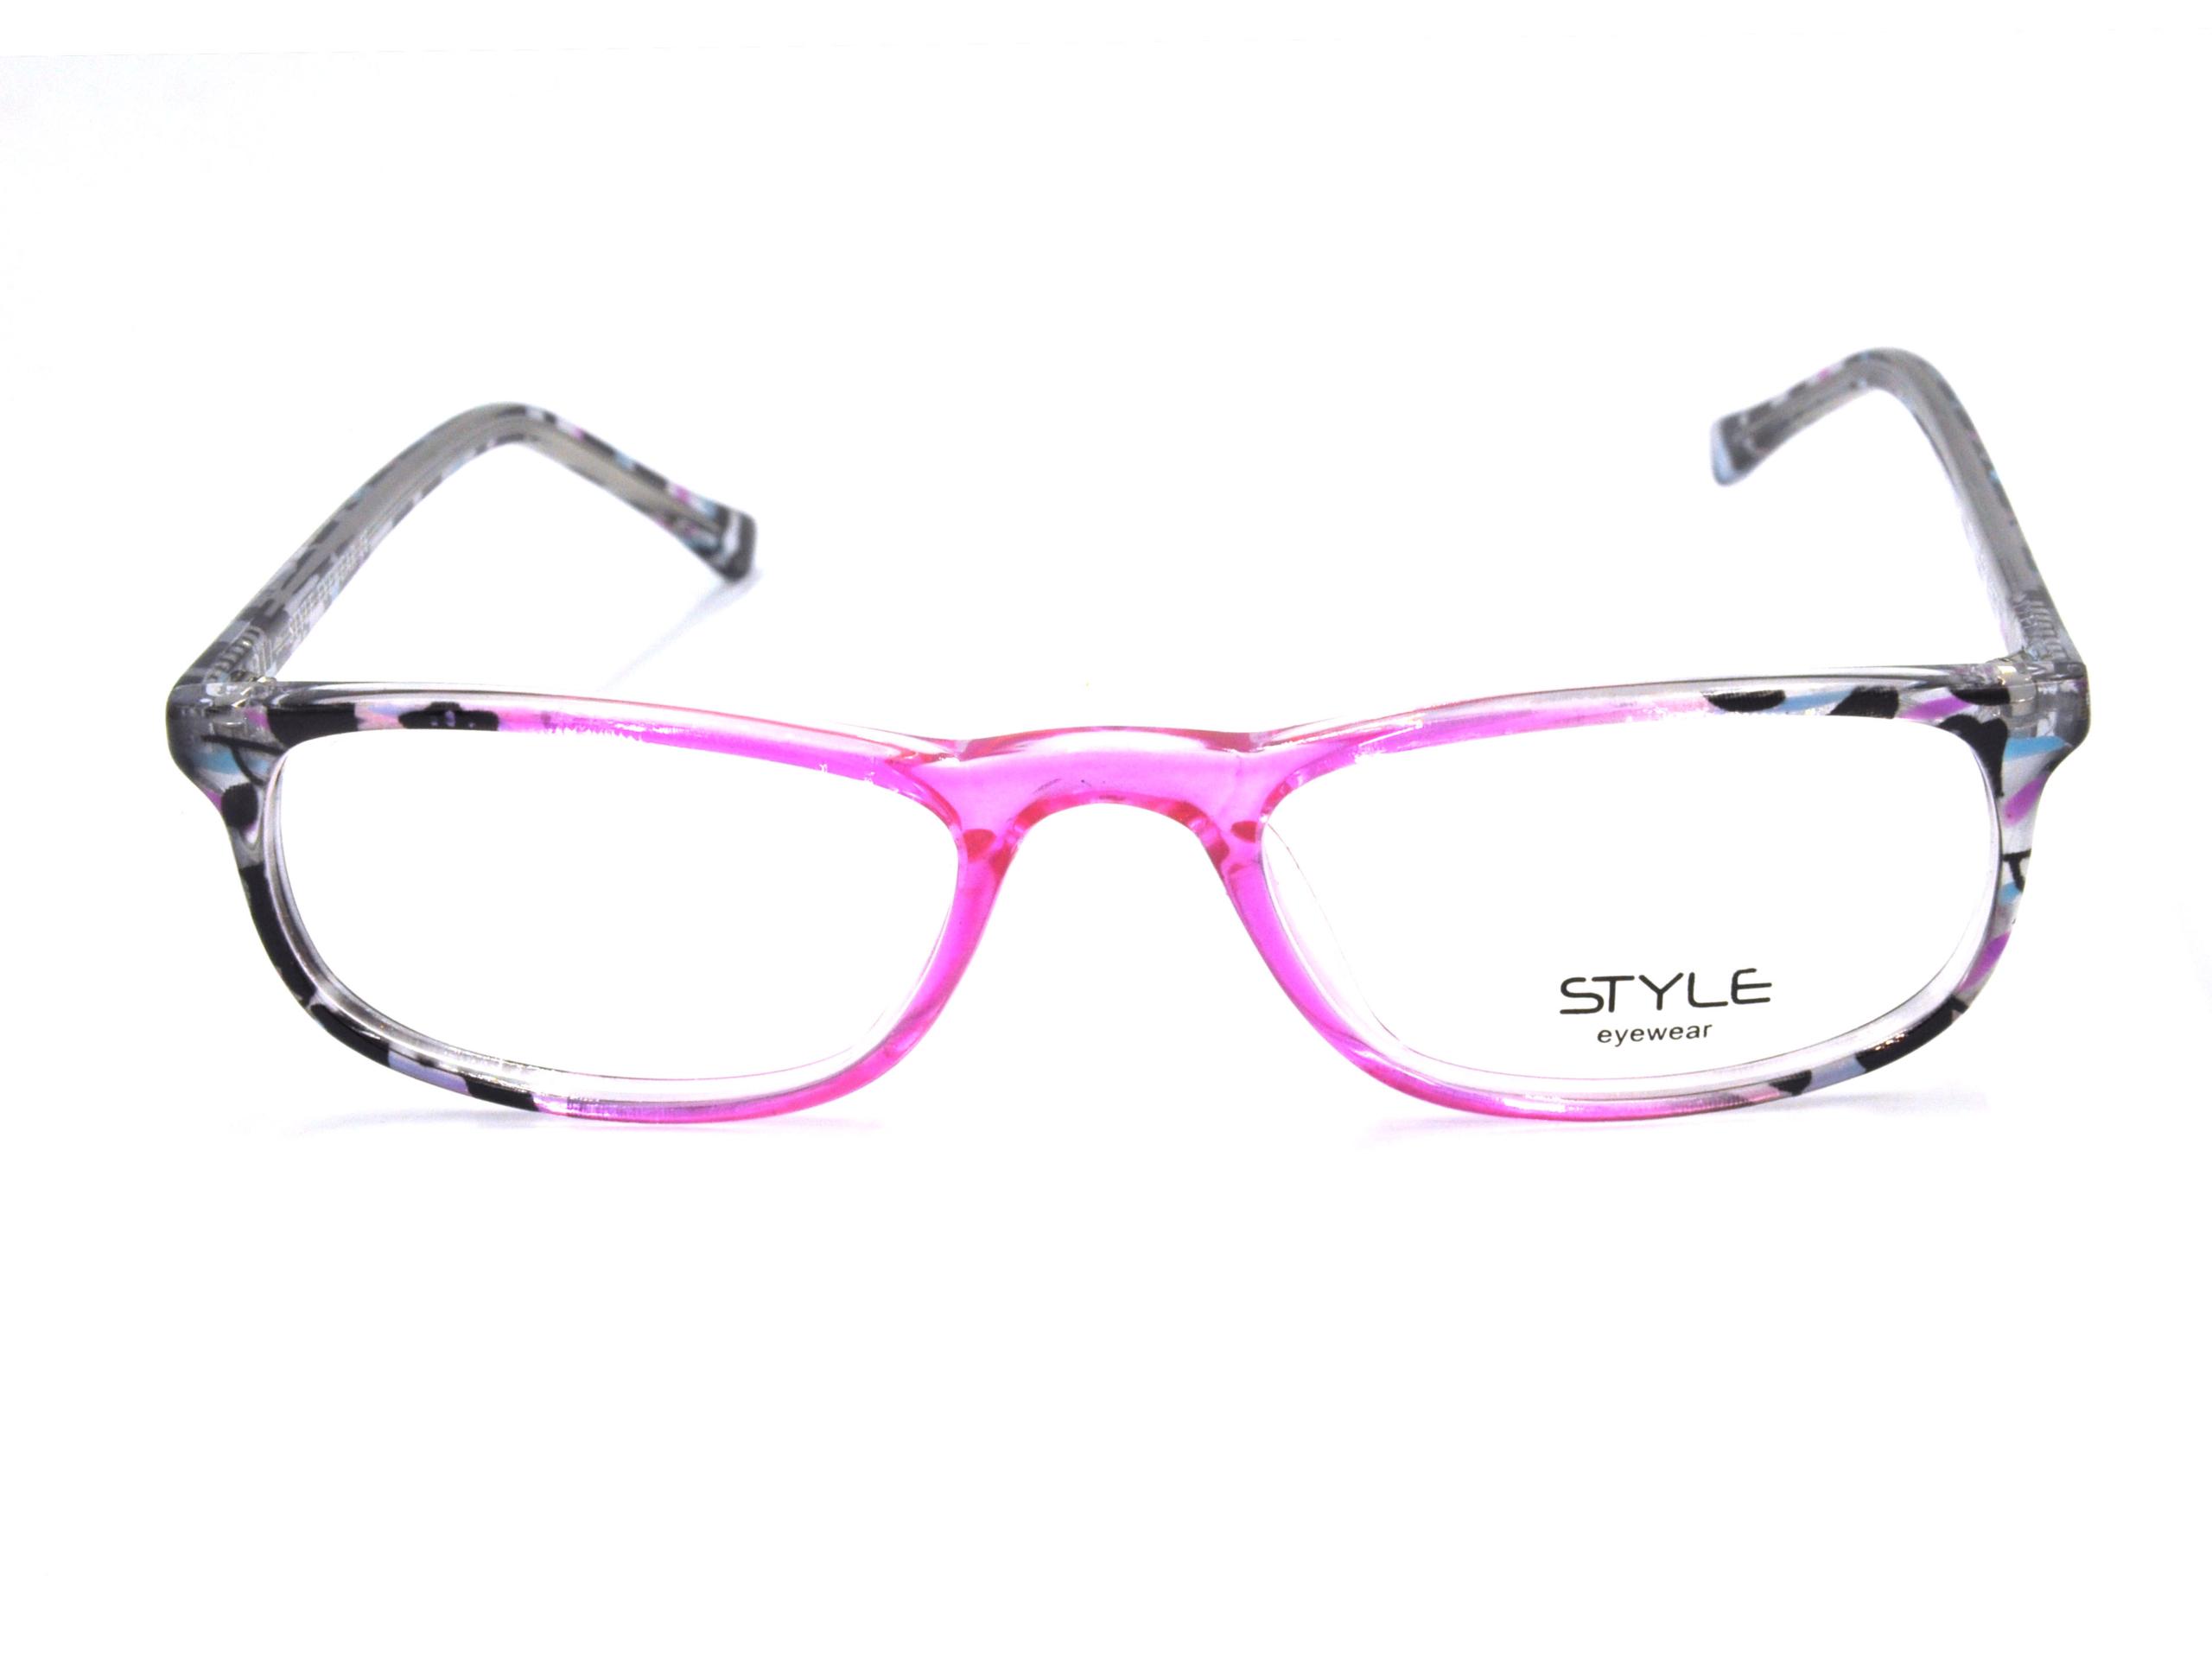 Γυαλιά οράσεως STYLE ST1002 C38 49-20-140 Πειραιάς